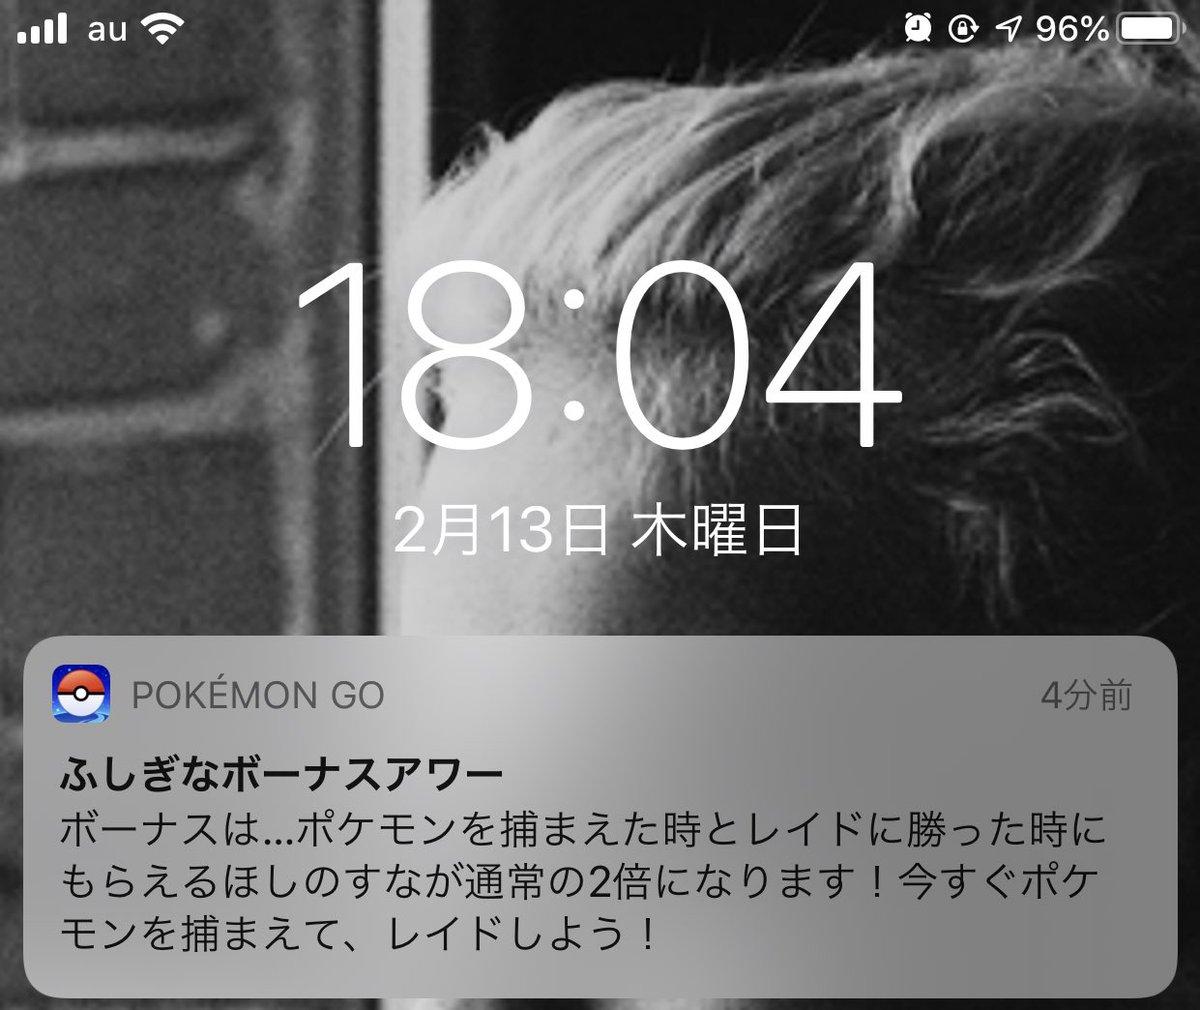 ボーナス アワー な go ふしぎ ポケモン